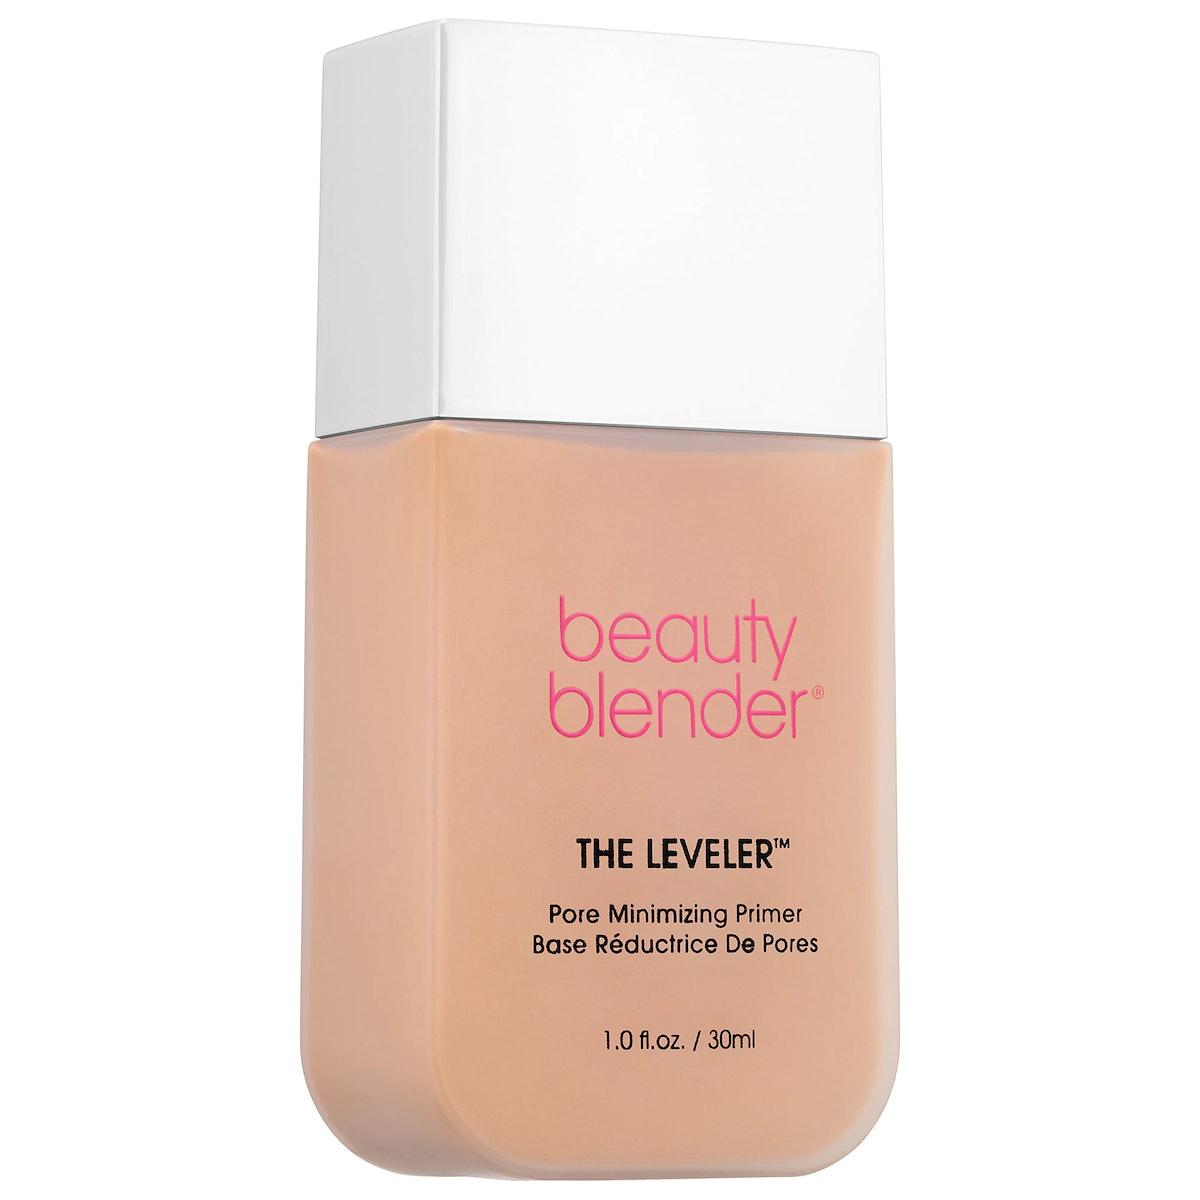 Beautyblender THE LEVELER™ Pore Minimizing Primer